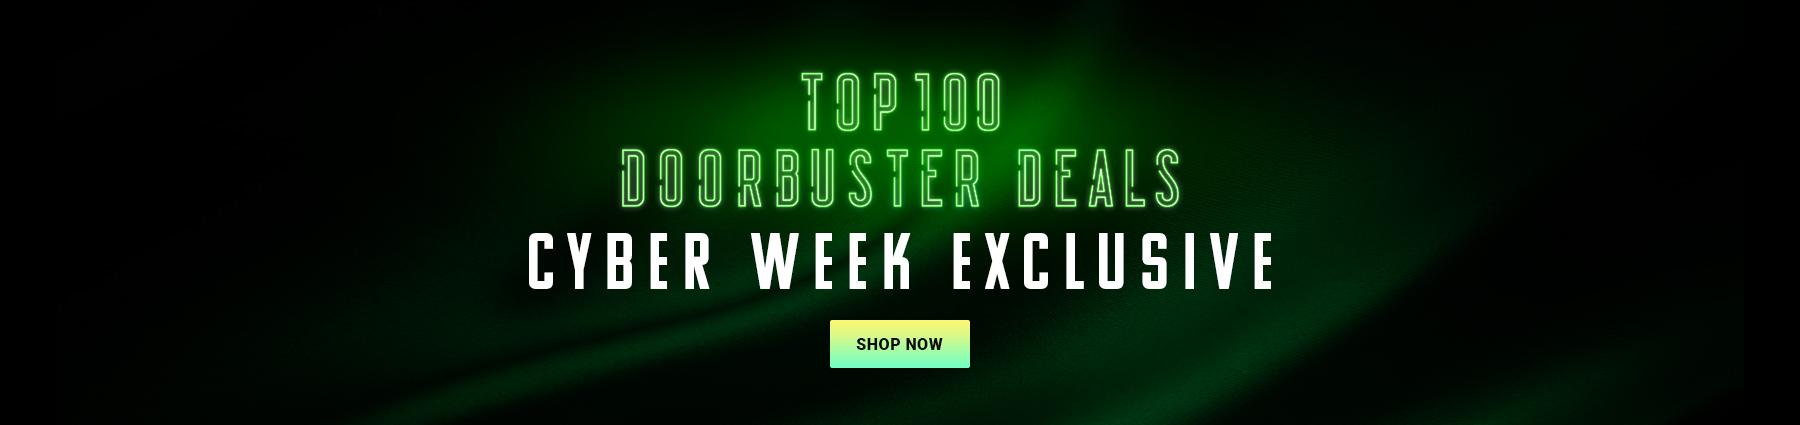 Top 100 Cyber Week Door busters